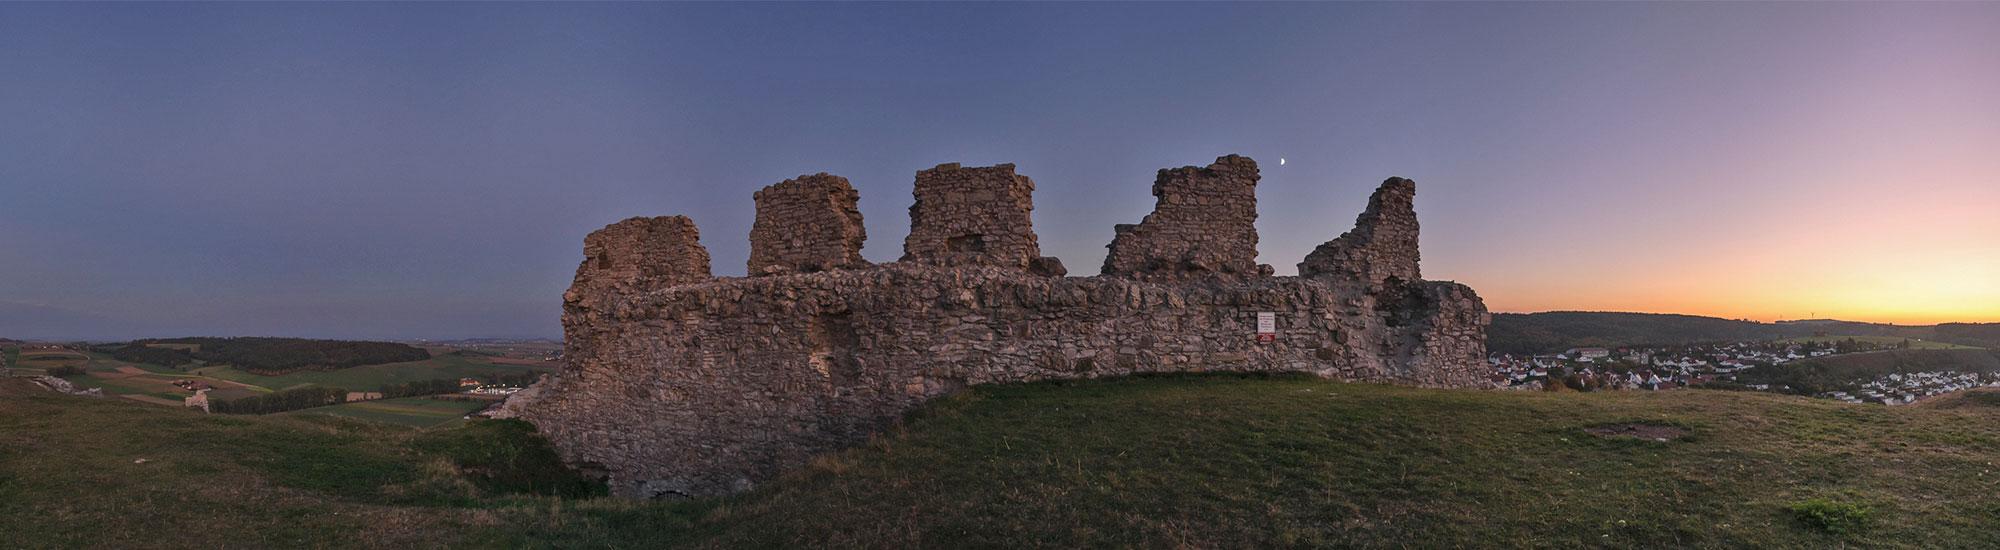 Ruine_Flochberg01